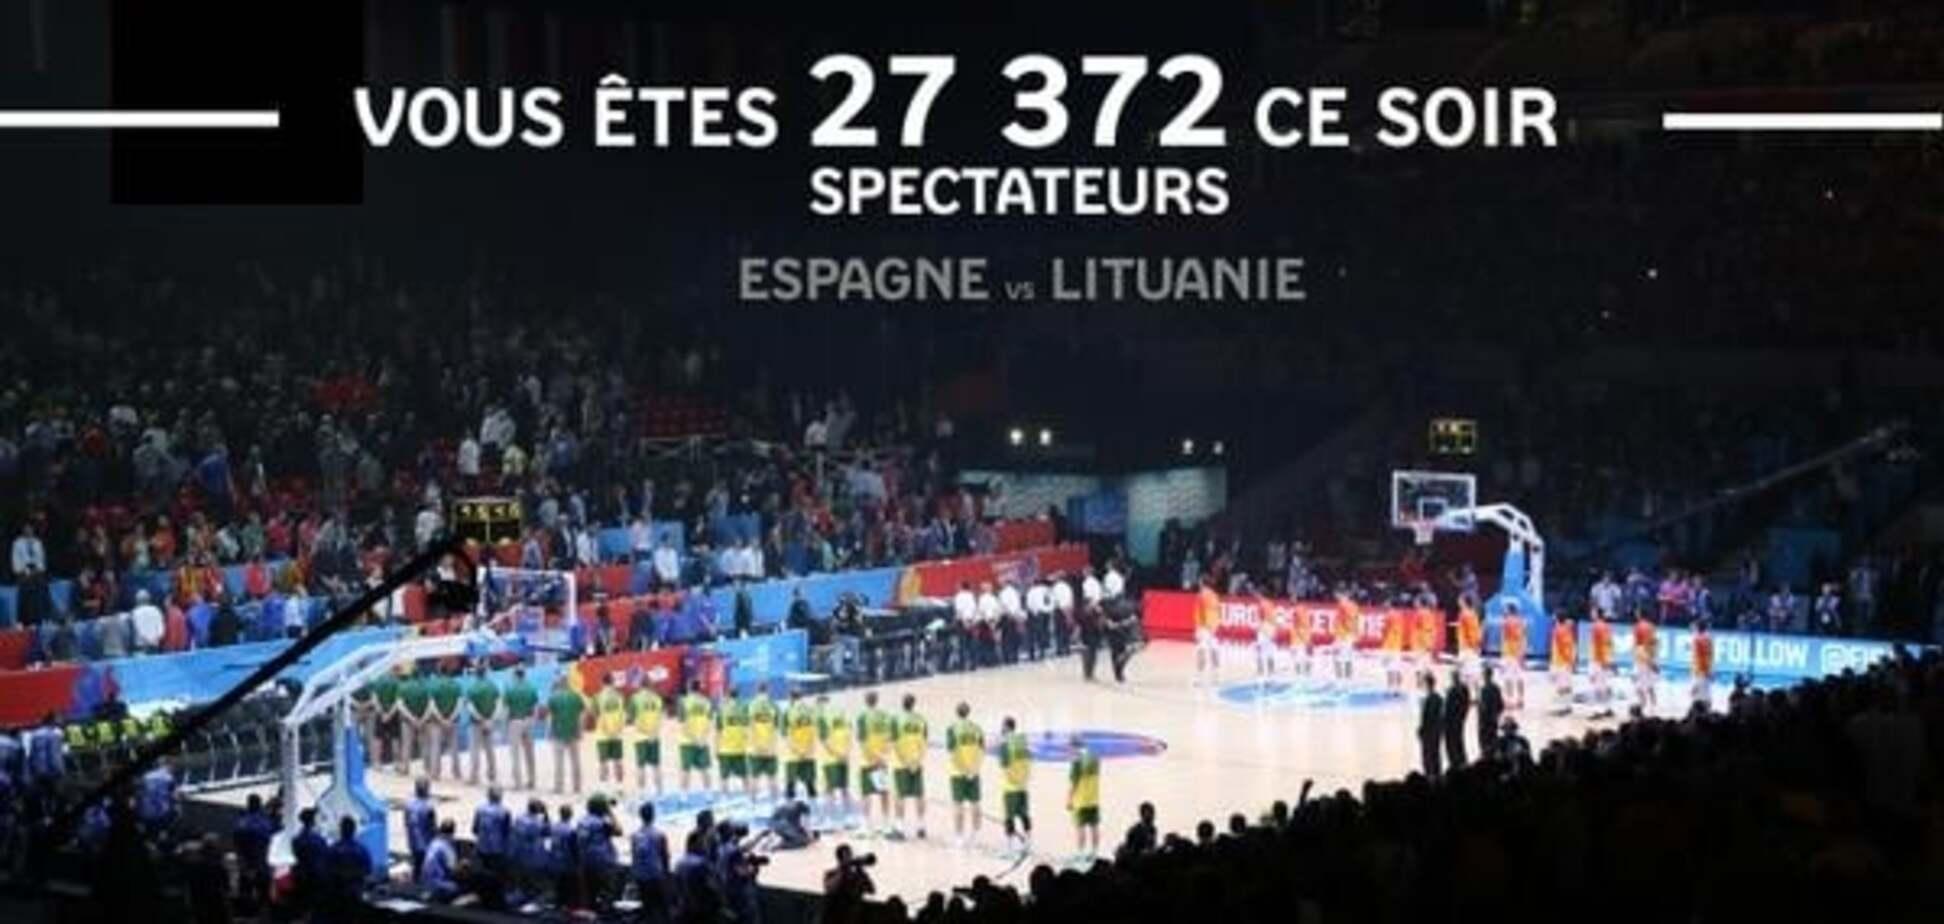 Финальный матч чемпионата Европы установил впечатляющий рекорд